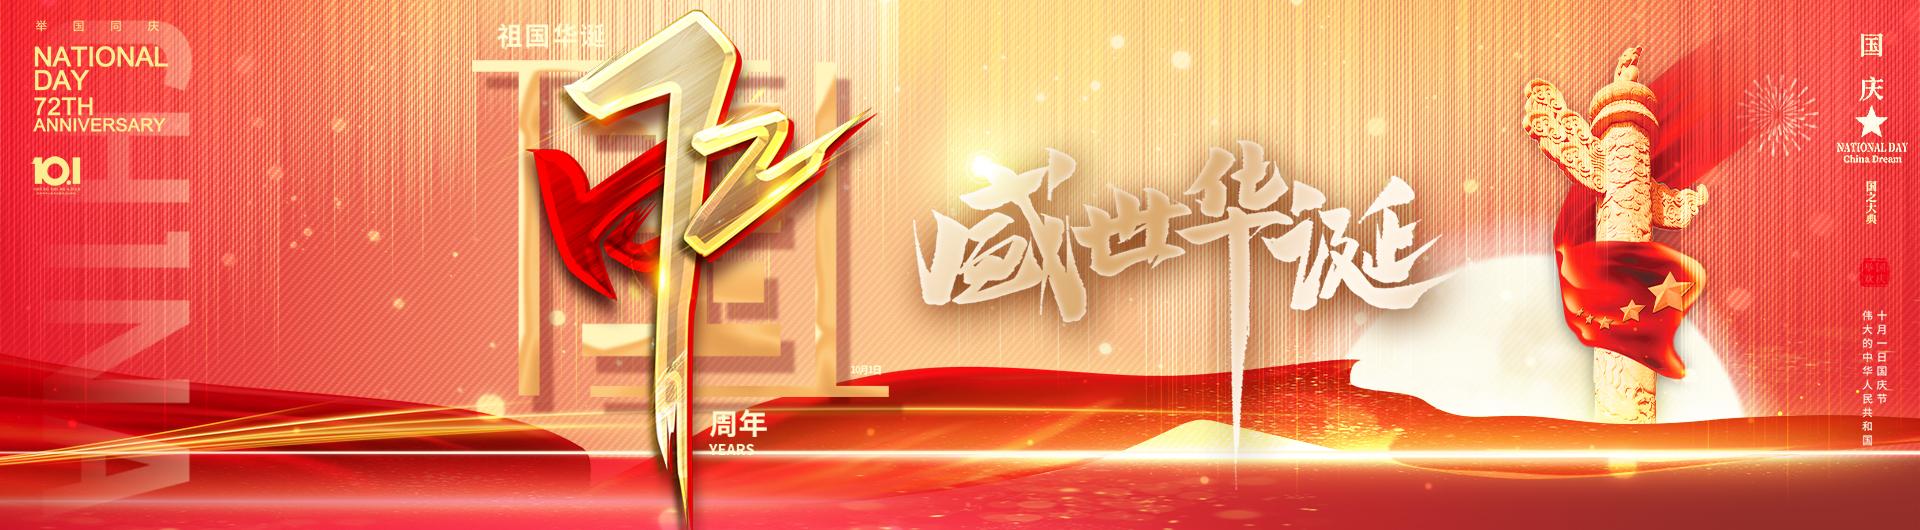 2021中国建国72周年国庆节